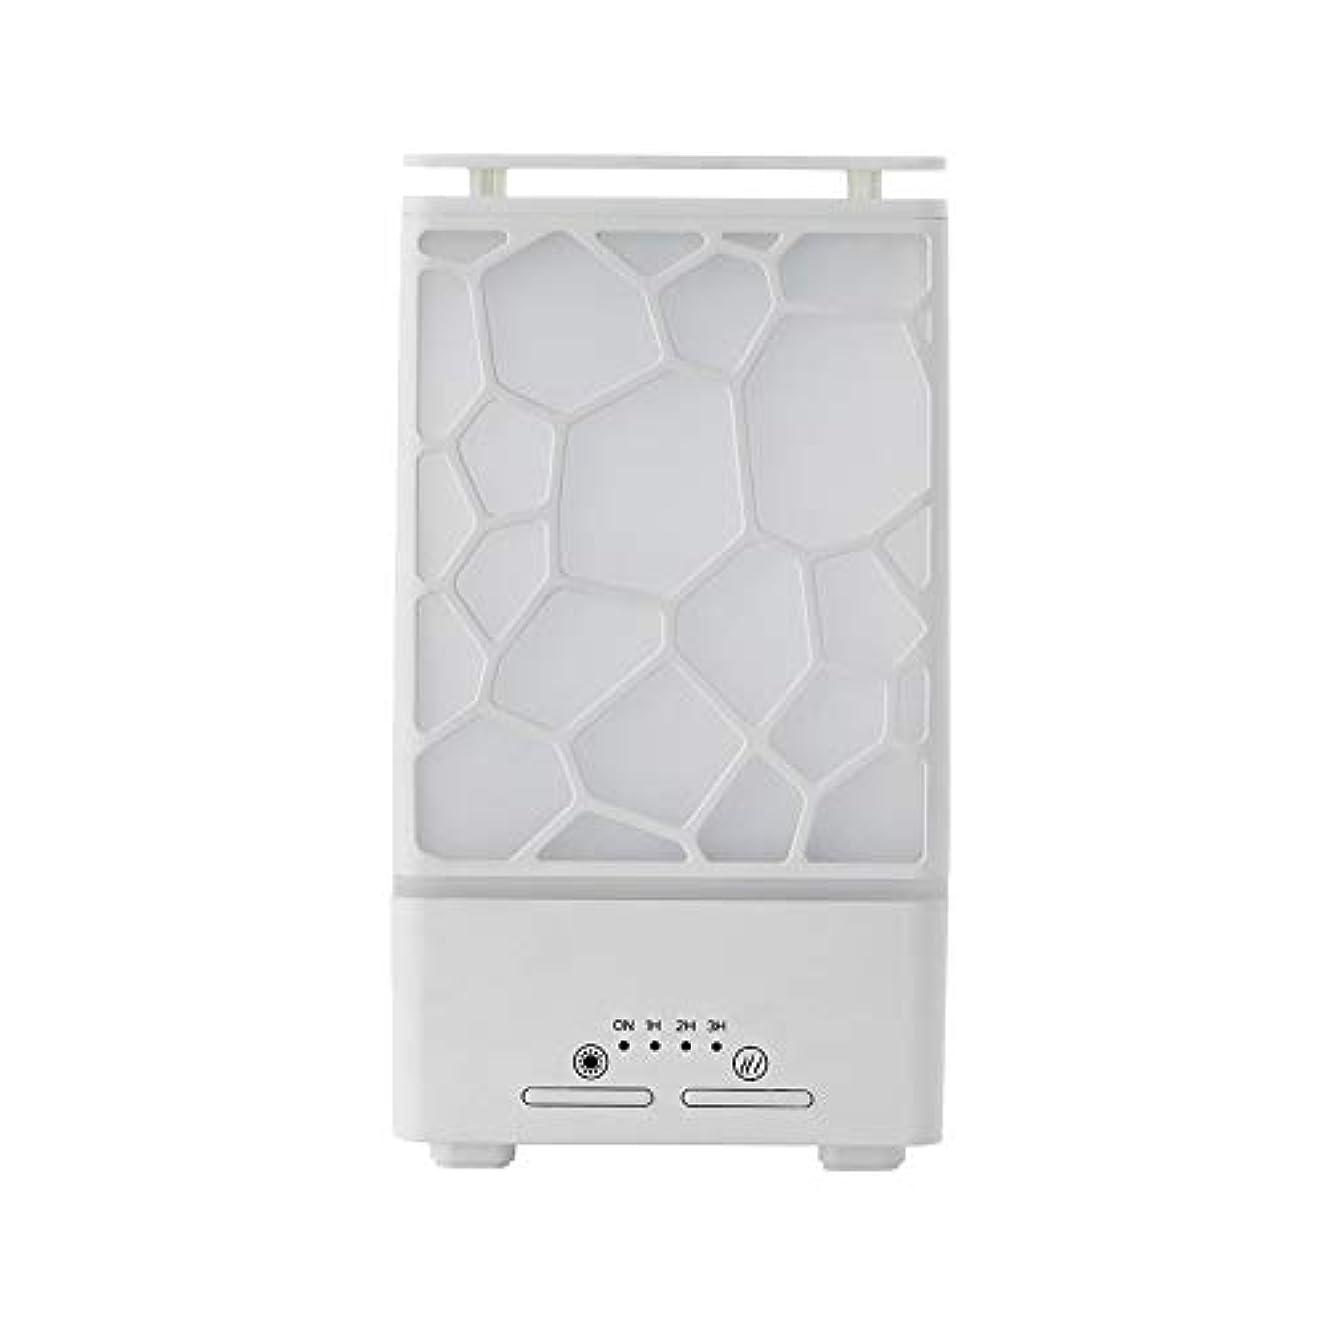 独裁者それむちゃくちゃyanQxIzbiu Essential Oil Diffuser Geometric Plaid Aroma Essential Oil Diffuser Home Office LED Lights Humidifier...